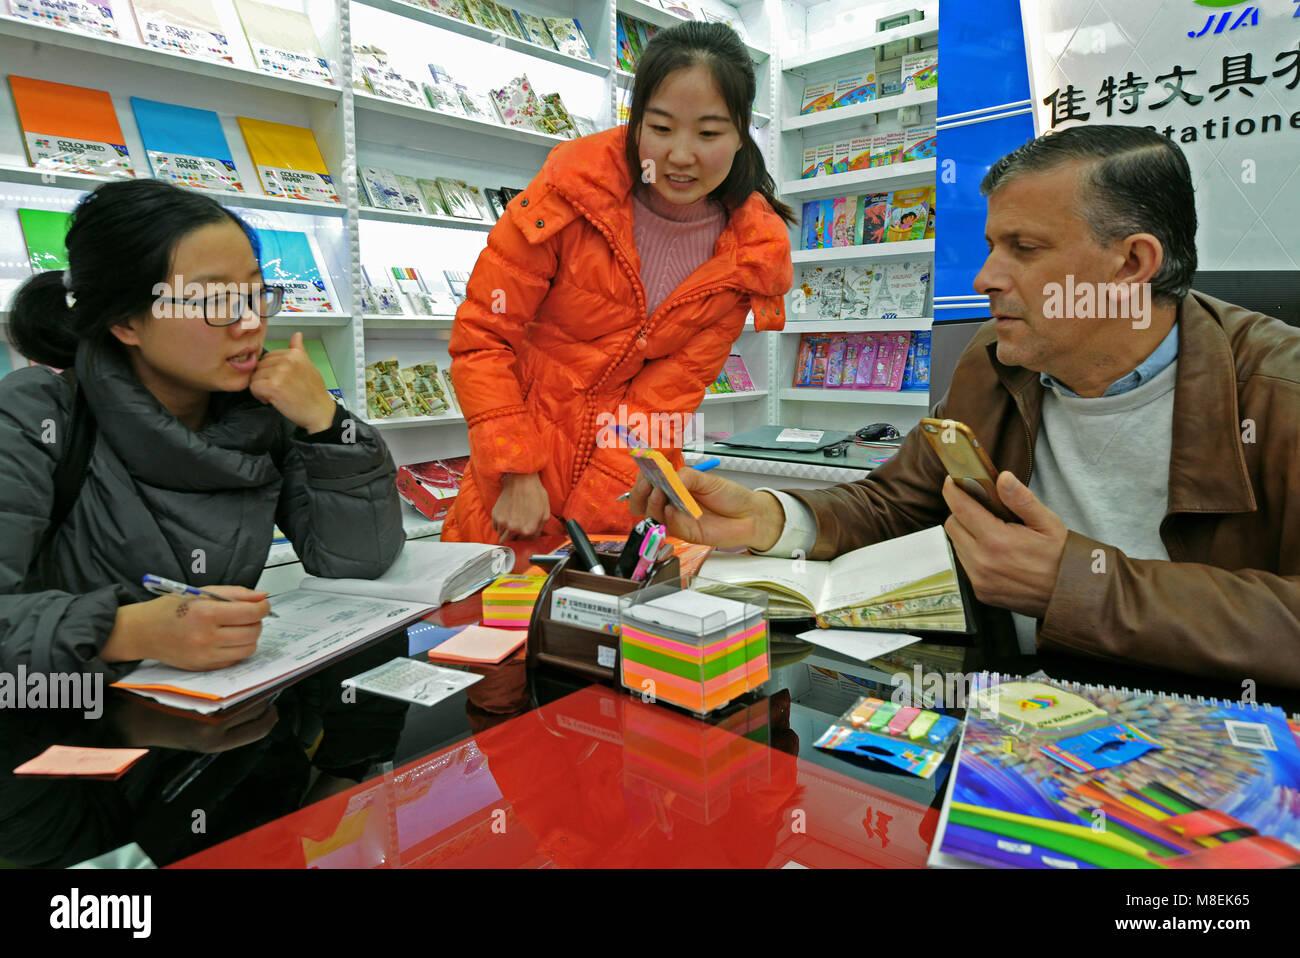 (180317) - YIWU, März 17, 2018 (Xinhua) - pakistanische Geschäftsmann Yousef Hamurerwi (1 t R) wählt Stockbild